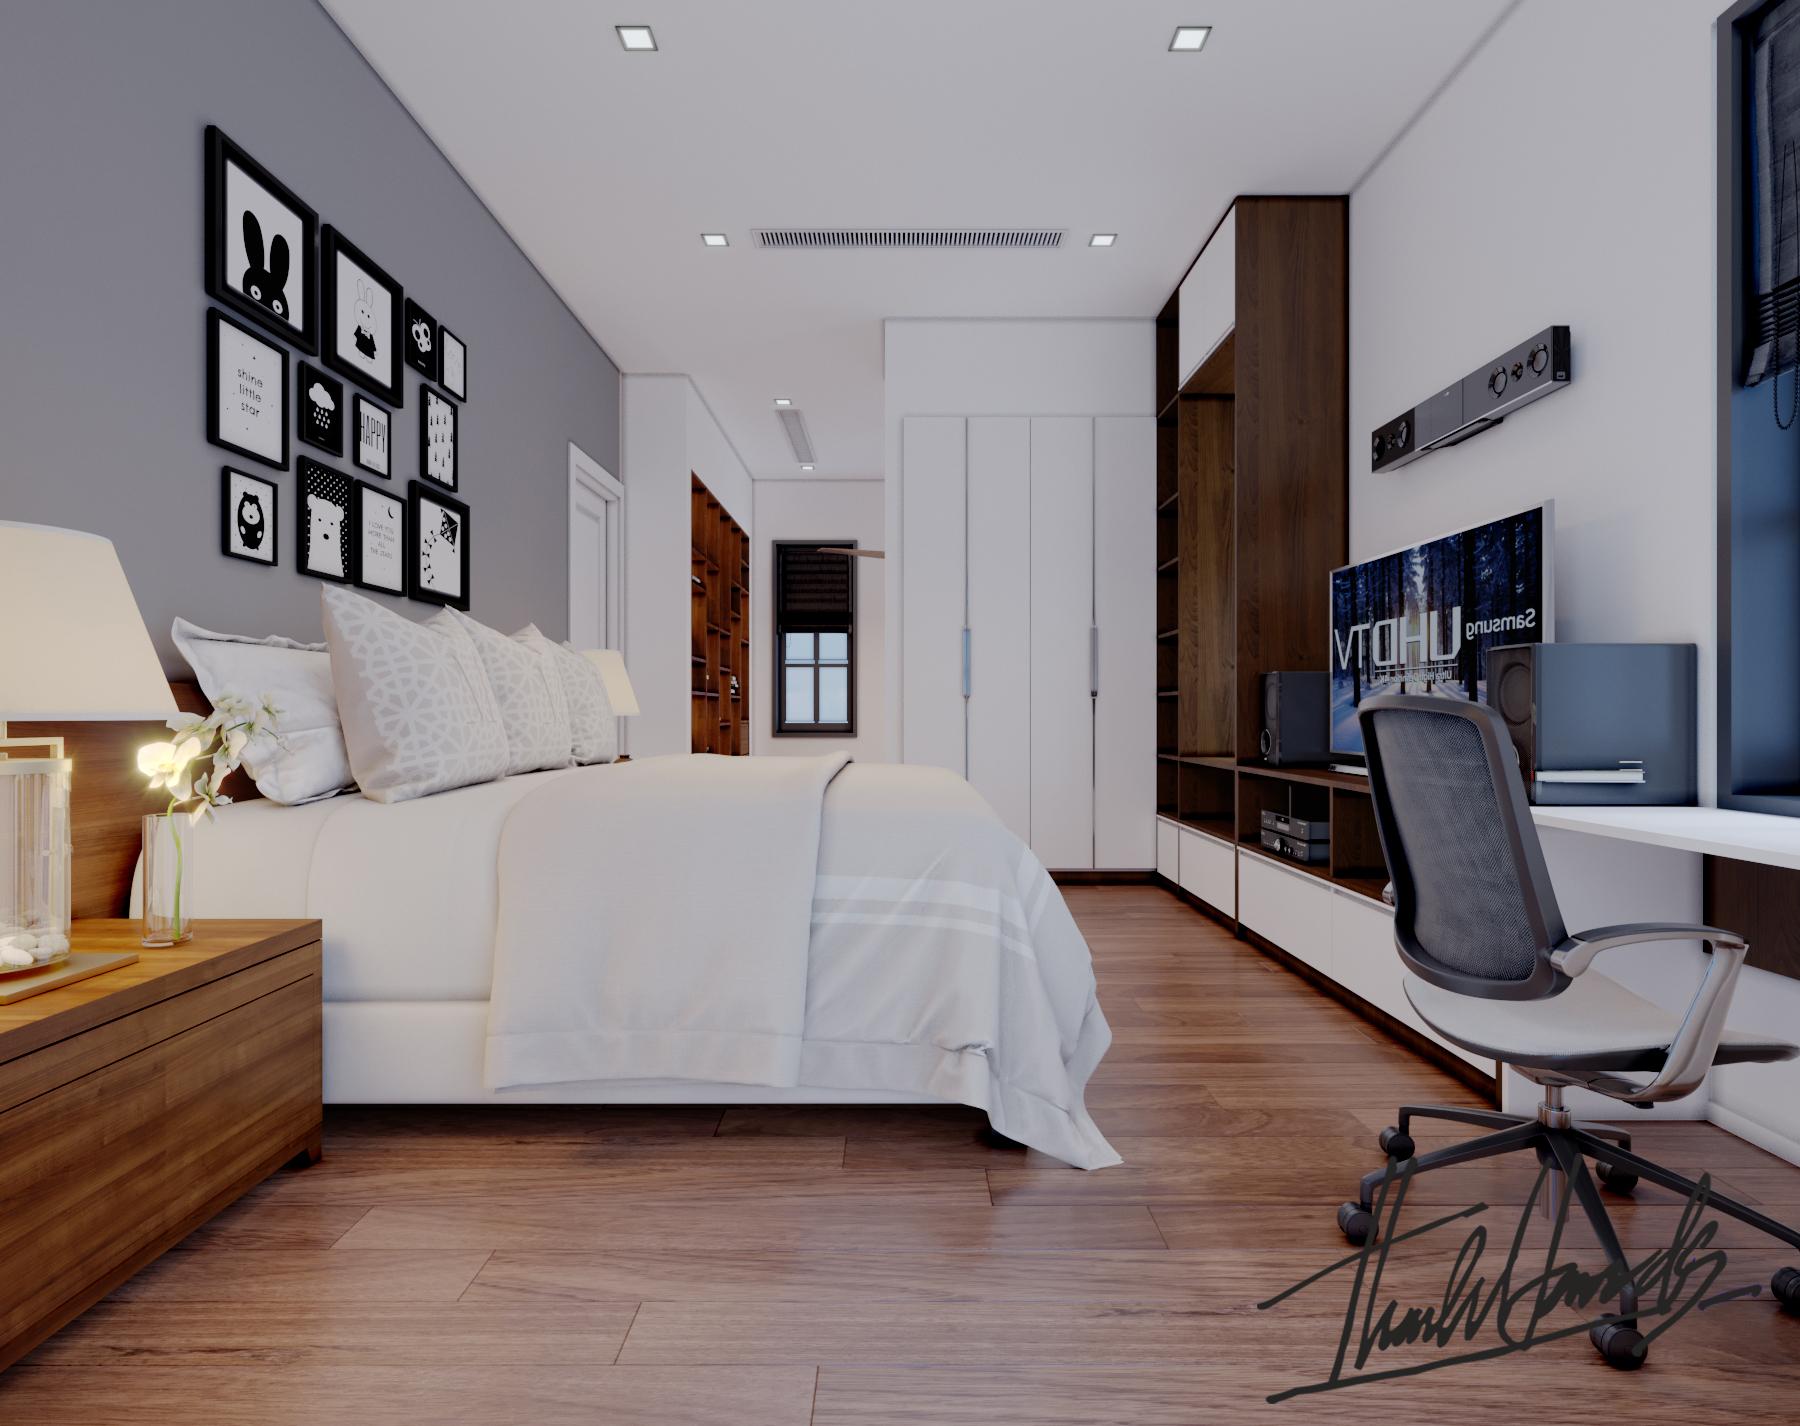 thiết kế nội thất Biệt Thự tại Hải Phòng Biệt thự Vinhomes - imperia ( khu VEN) 25 1568278775